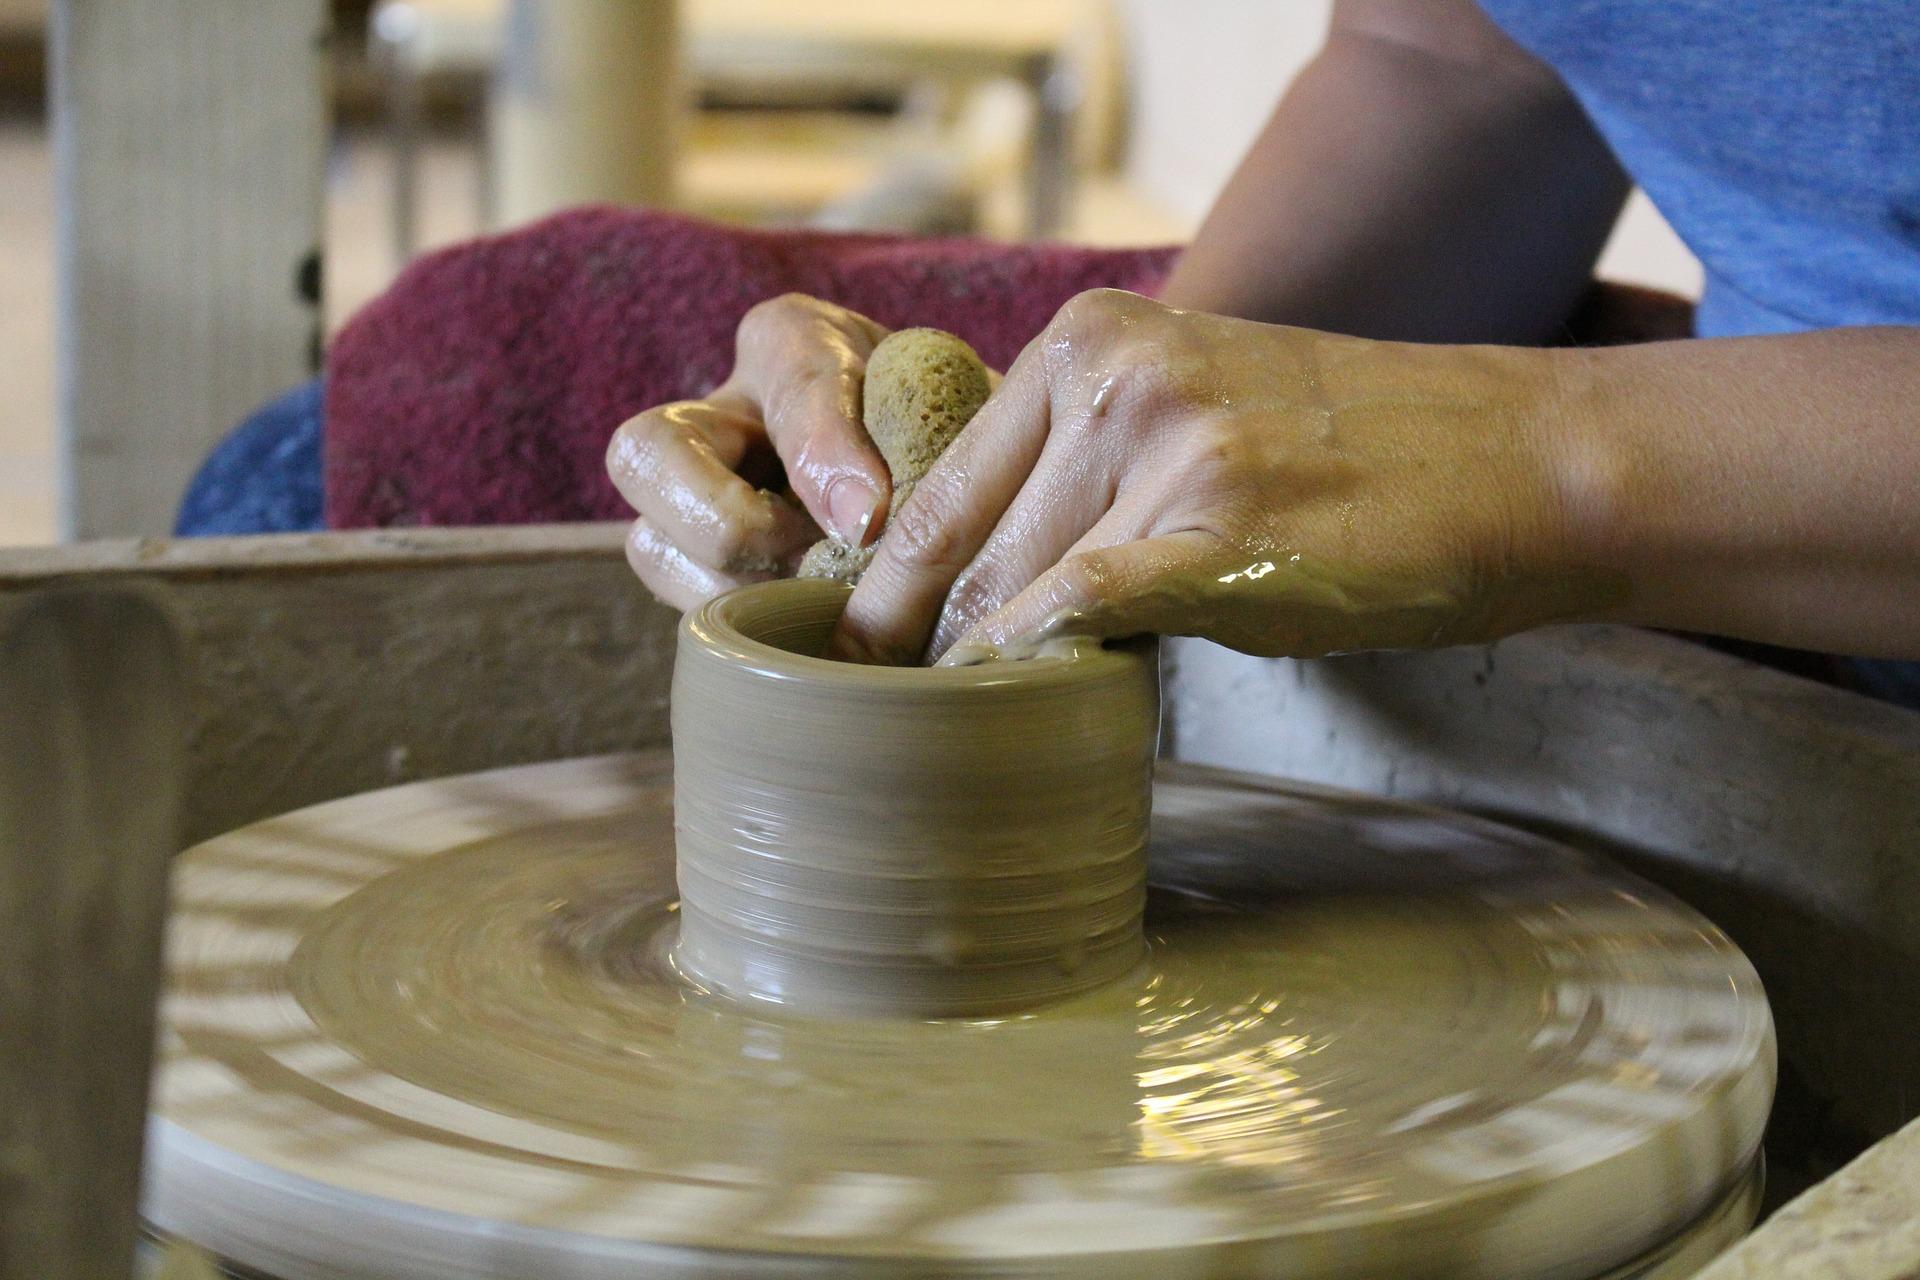 Polska ceramika - jakie są jej rodzaje i jaka jest jej historia? 20